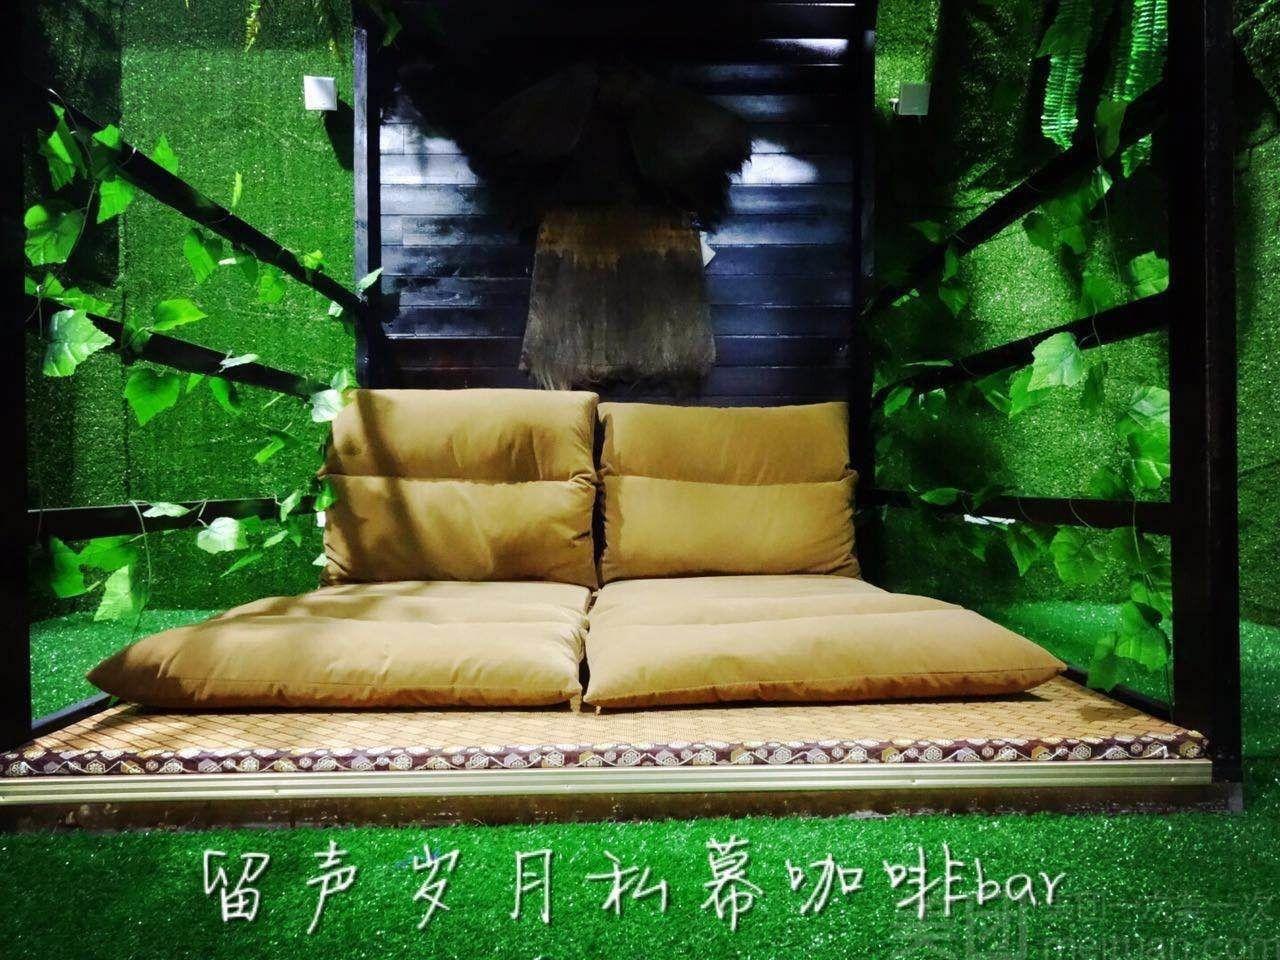 美团网:长沙今日电影团购:【留声岁月私幕影院】留声岁月森林房电影一场